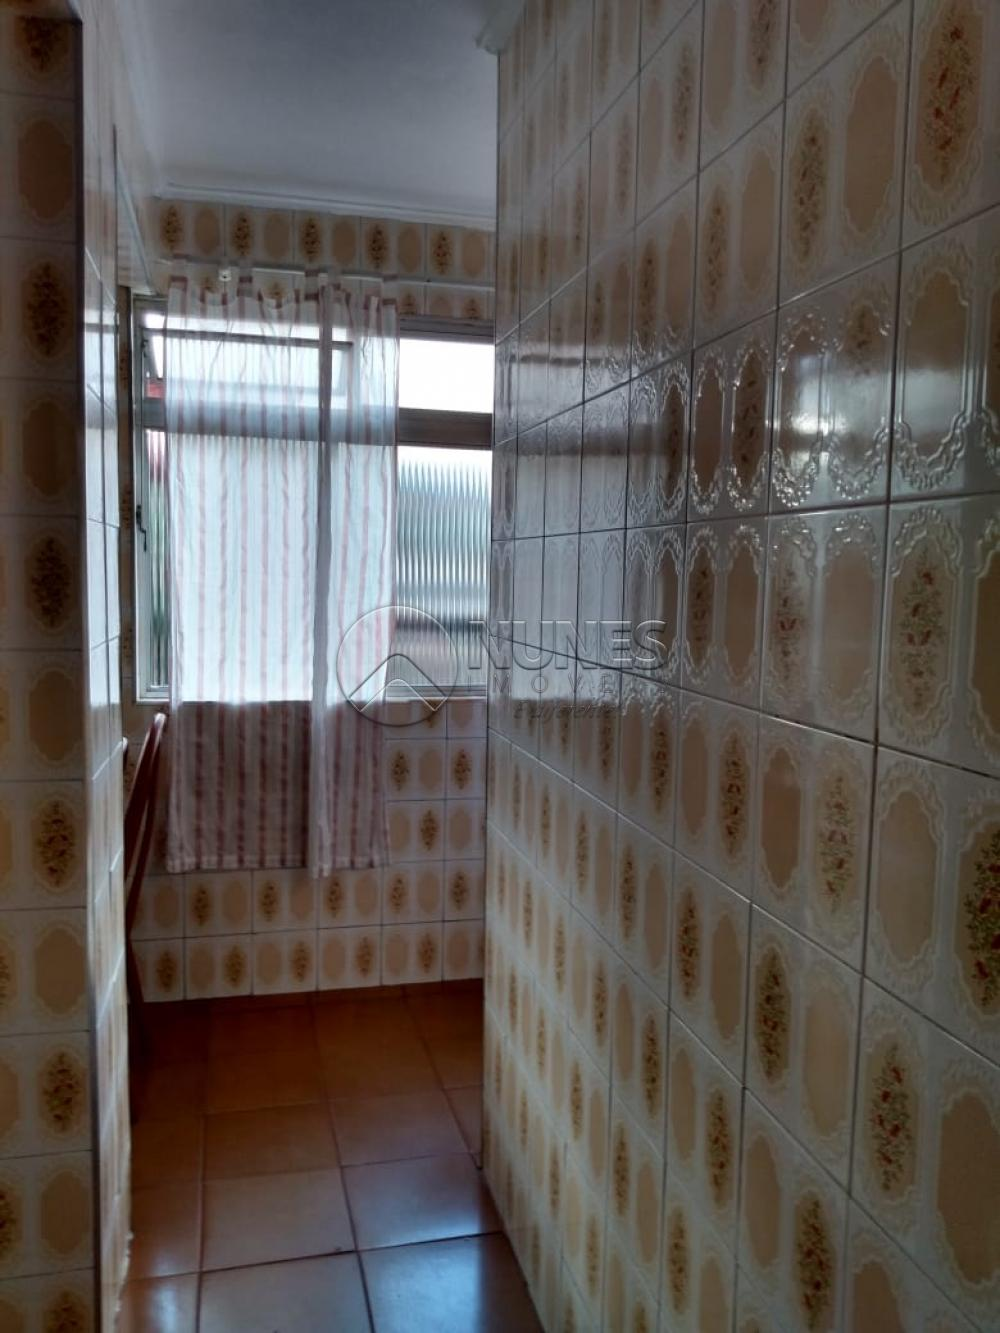 Comprar Apartamento / Padrão em Carapicuíba apenas R$ 140.000,00 - Foto 16